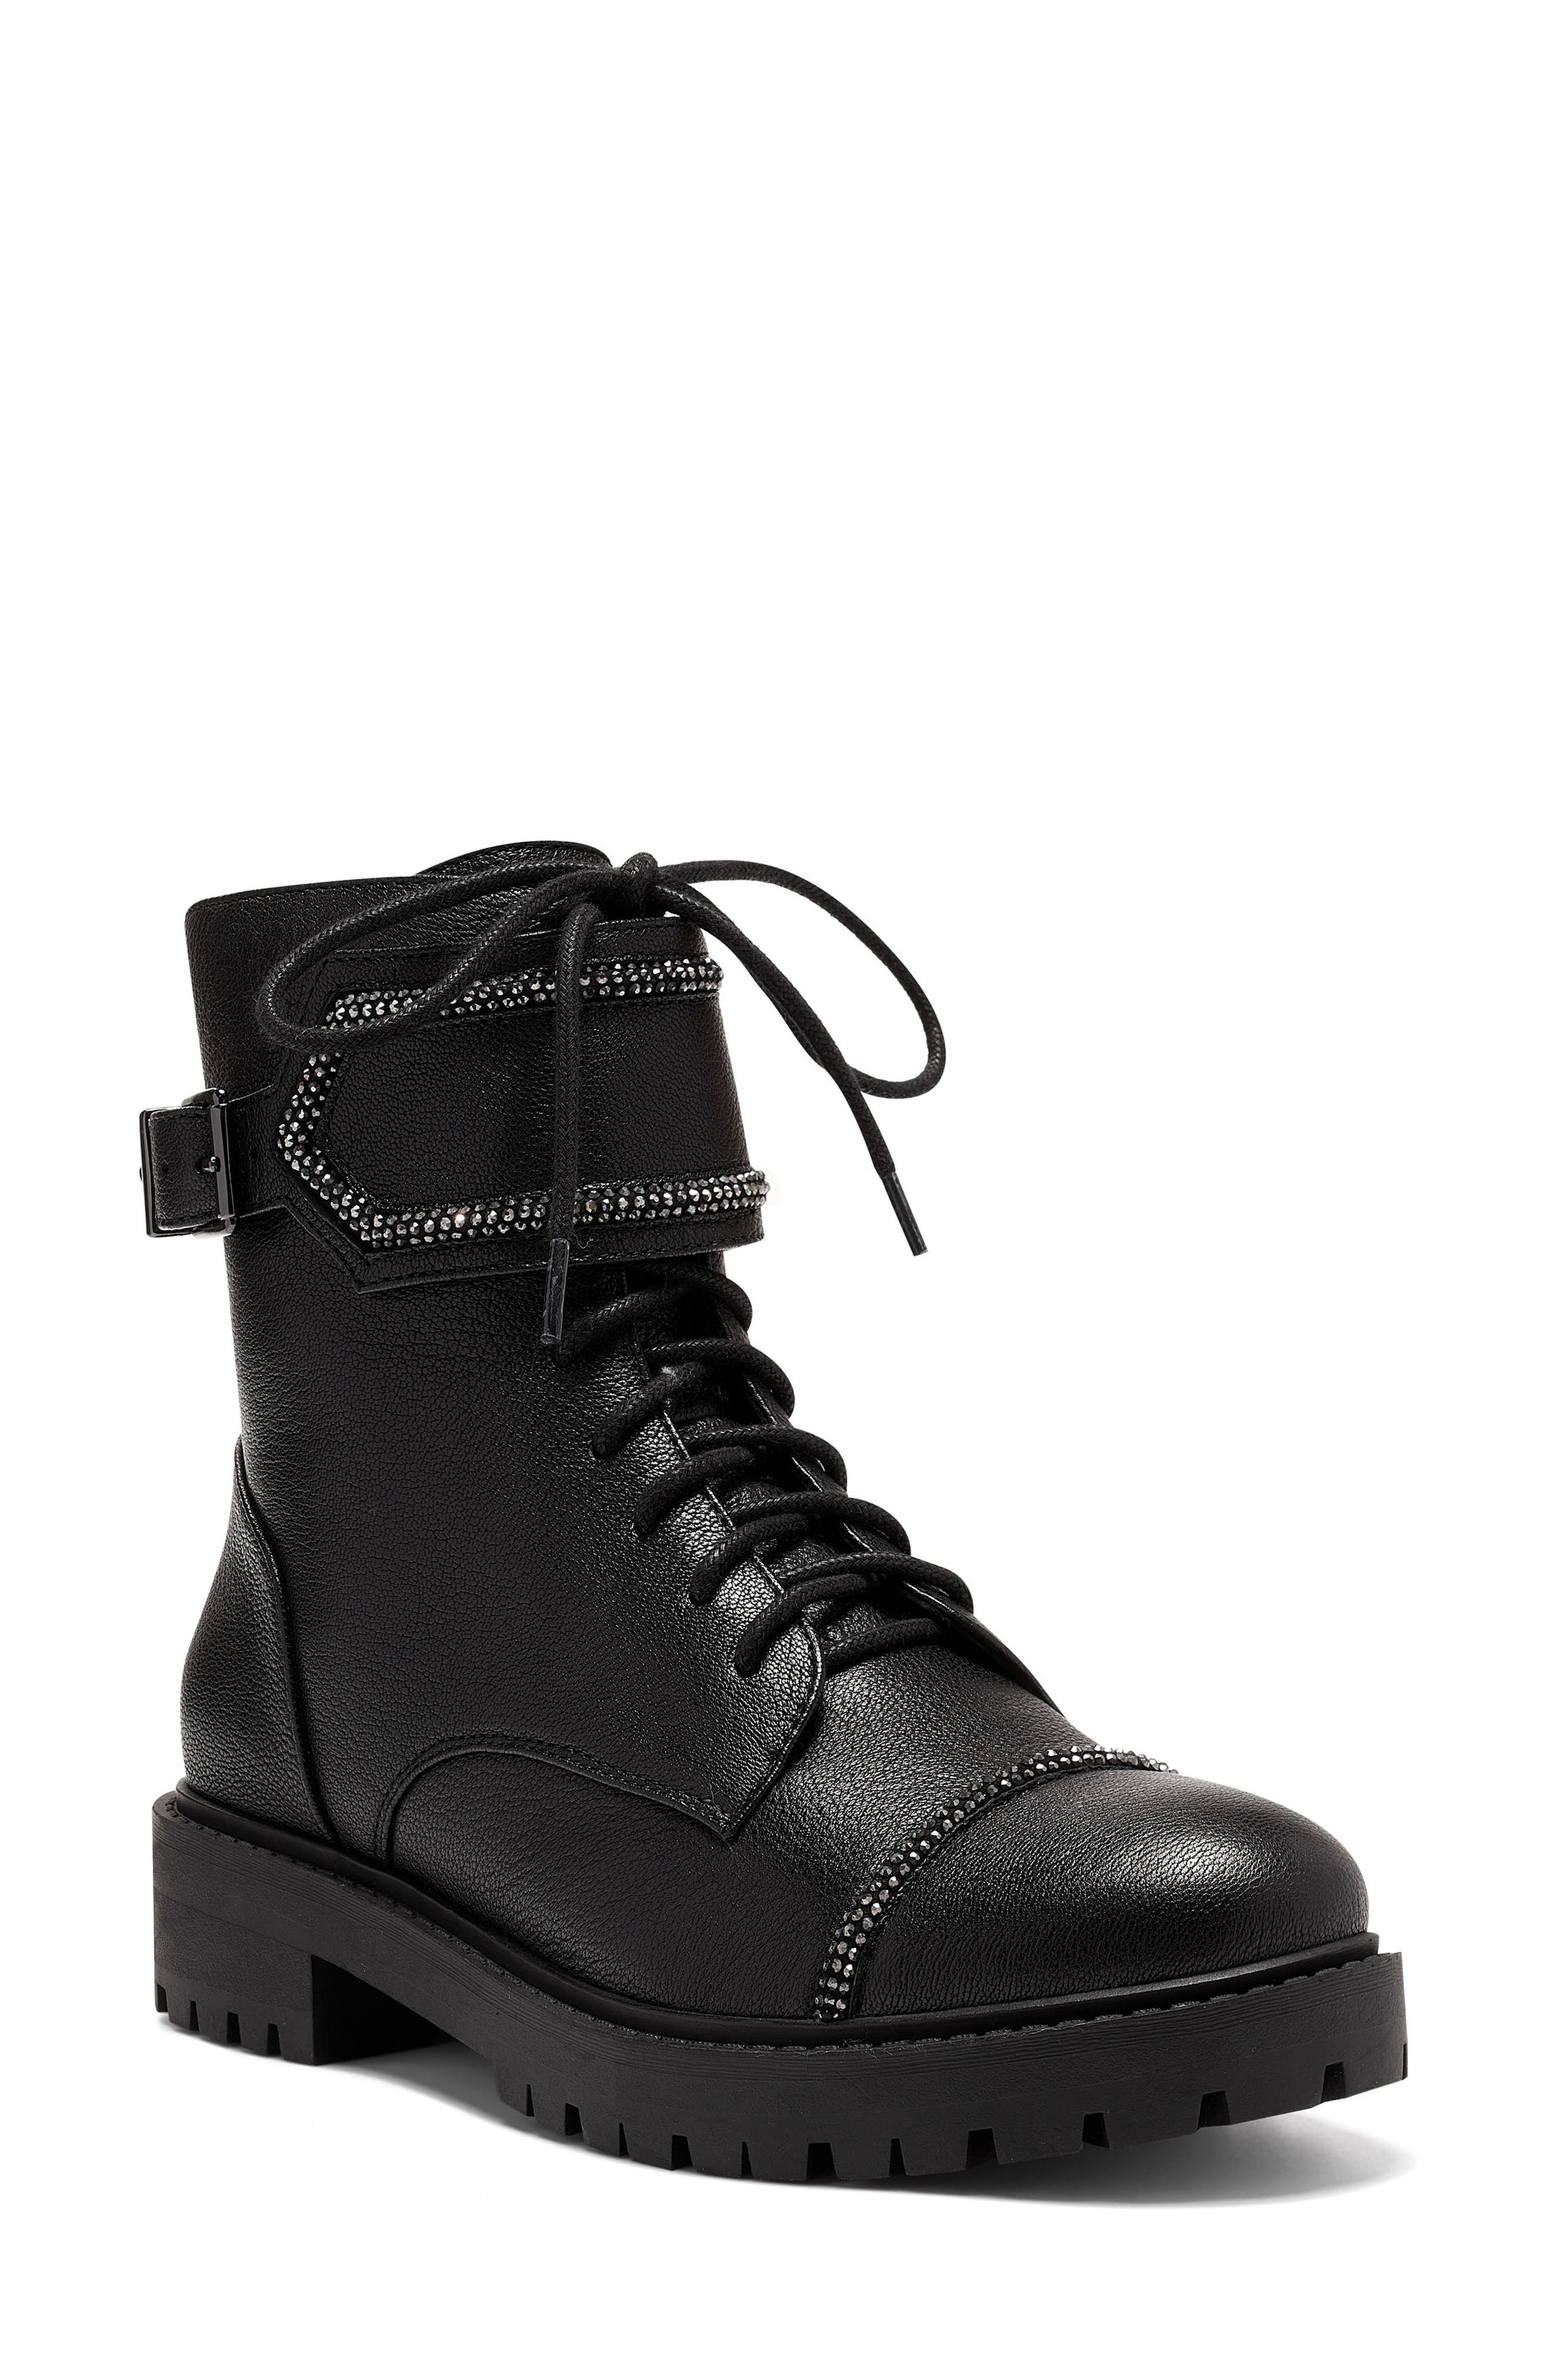 Karia Cap Toe Combat Boot